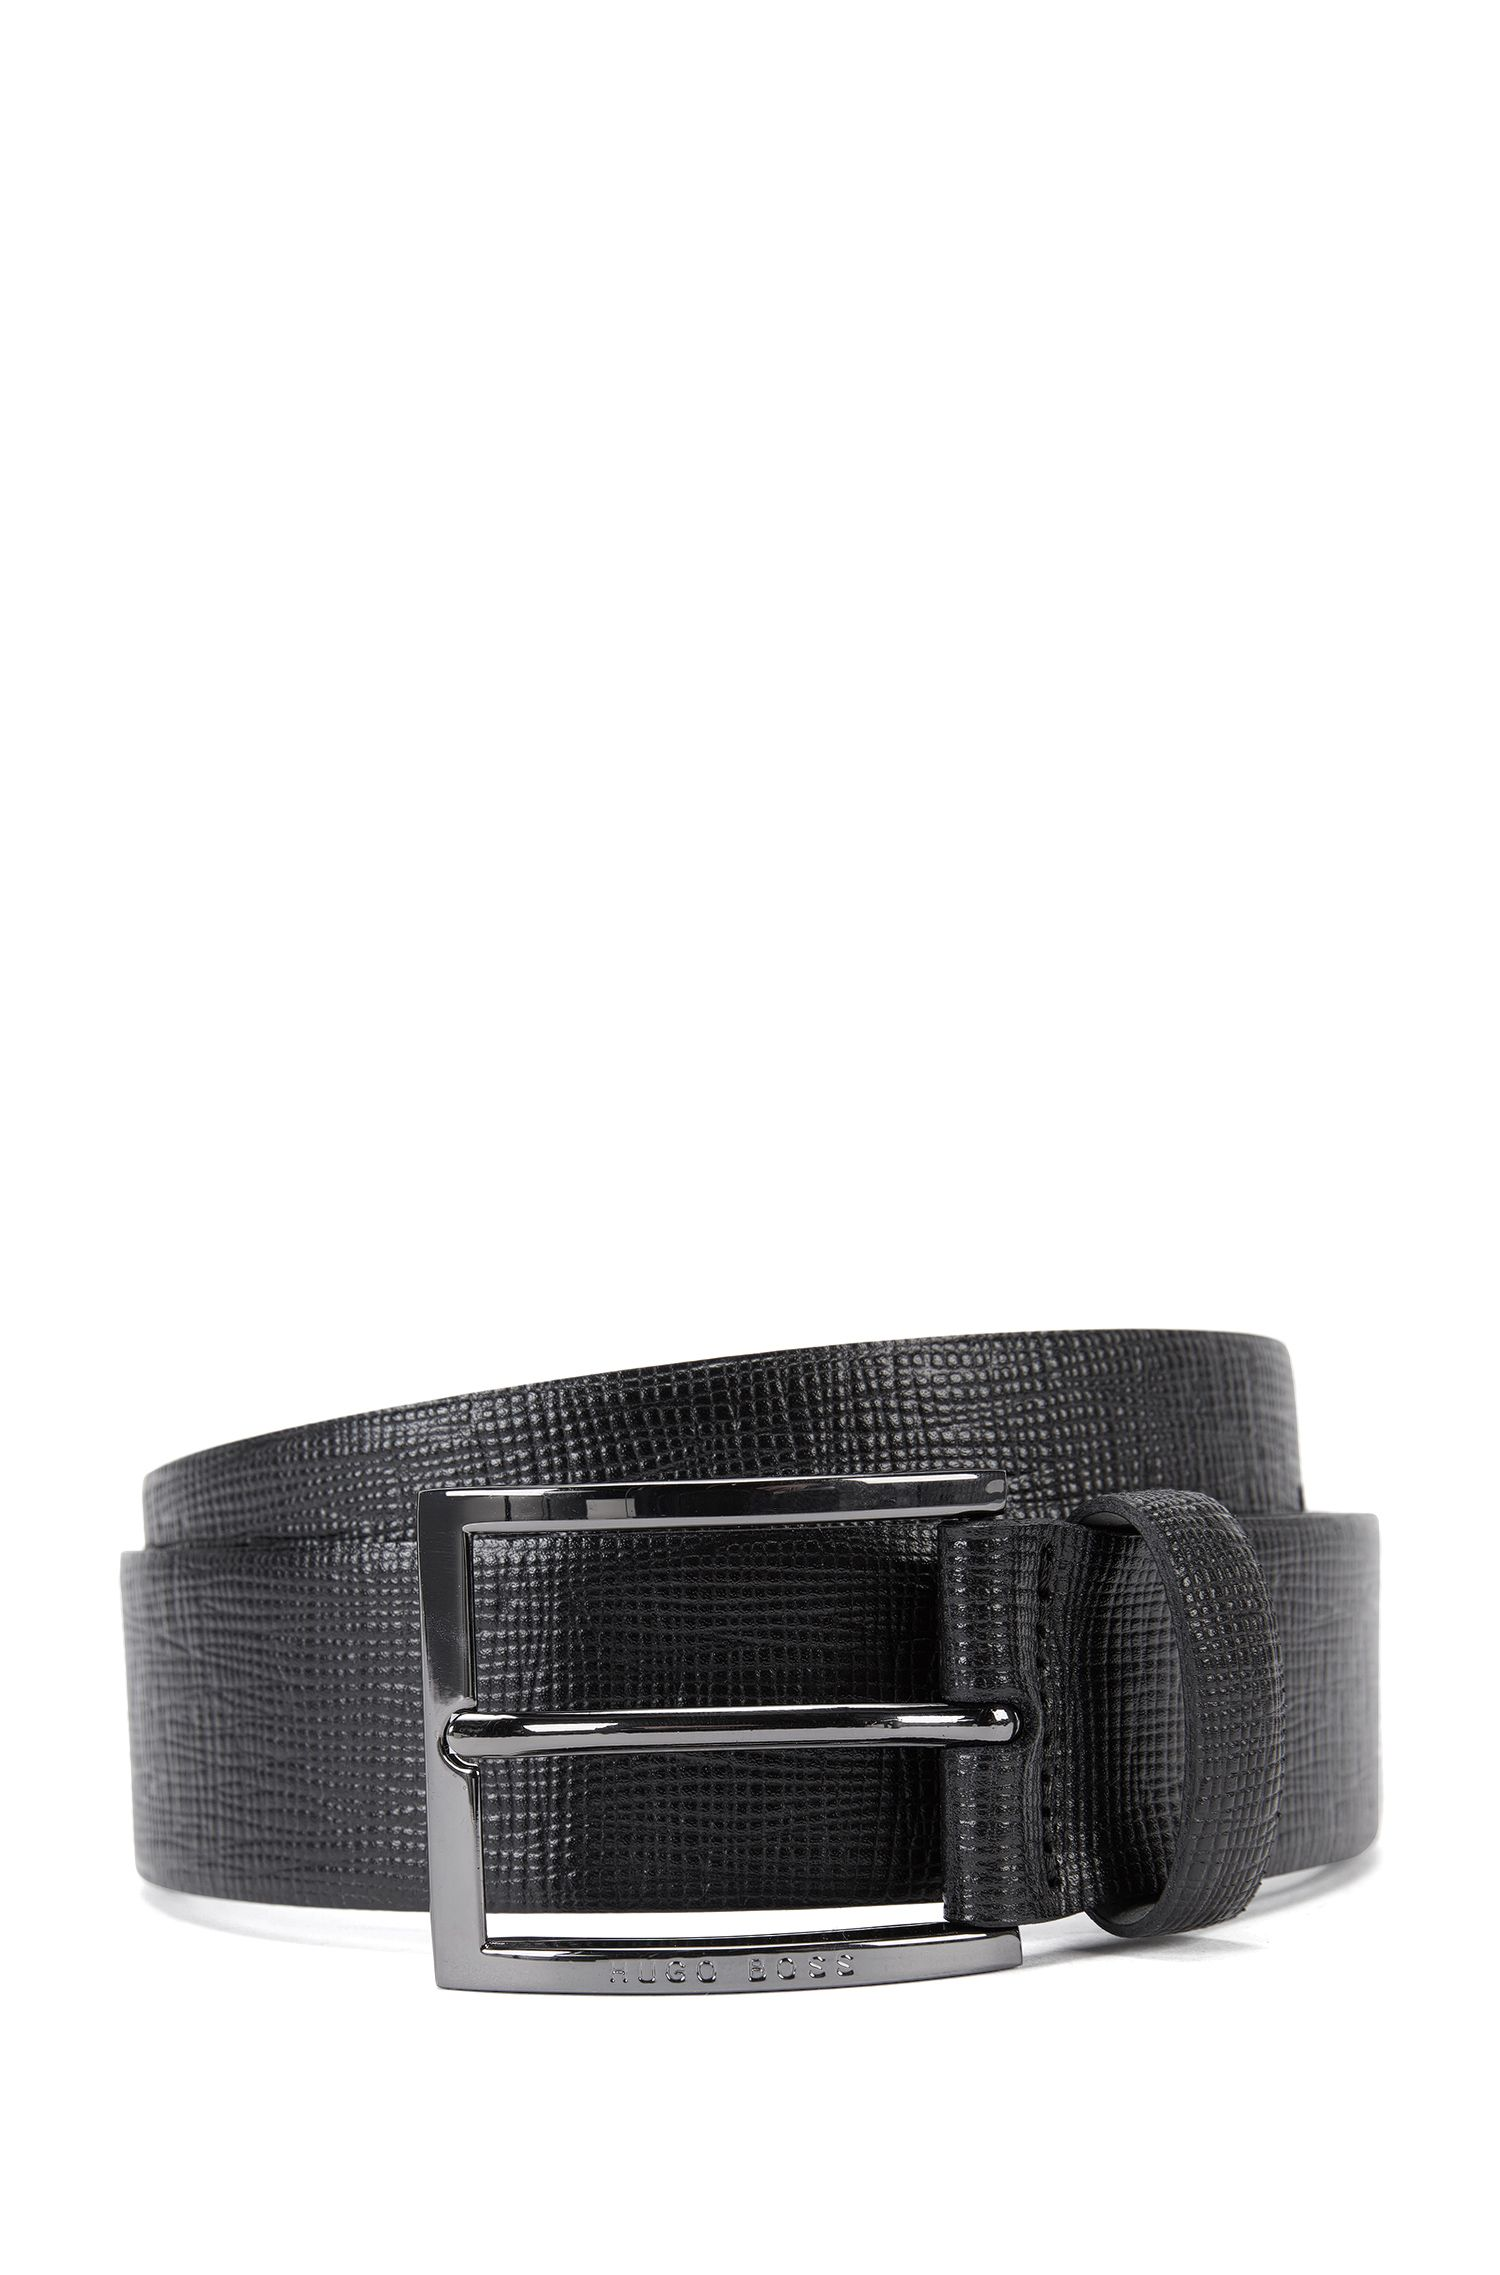 Cinturón de piel con grano especial